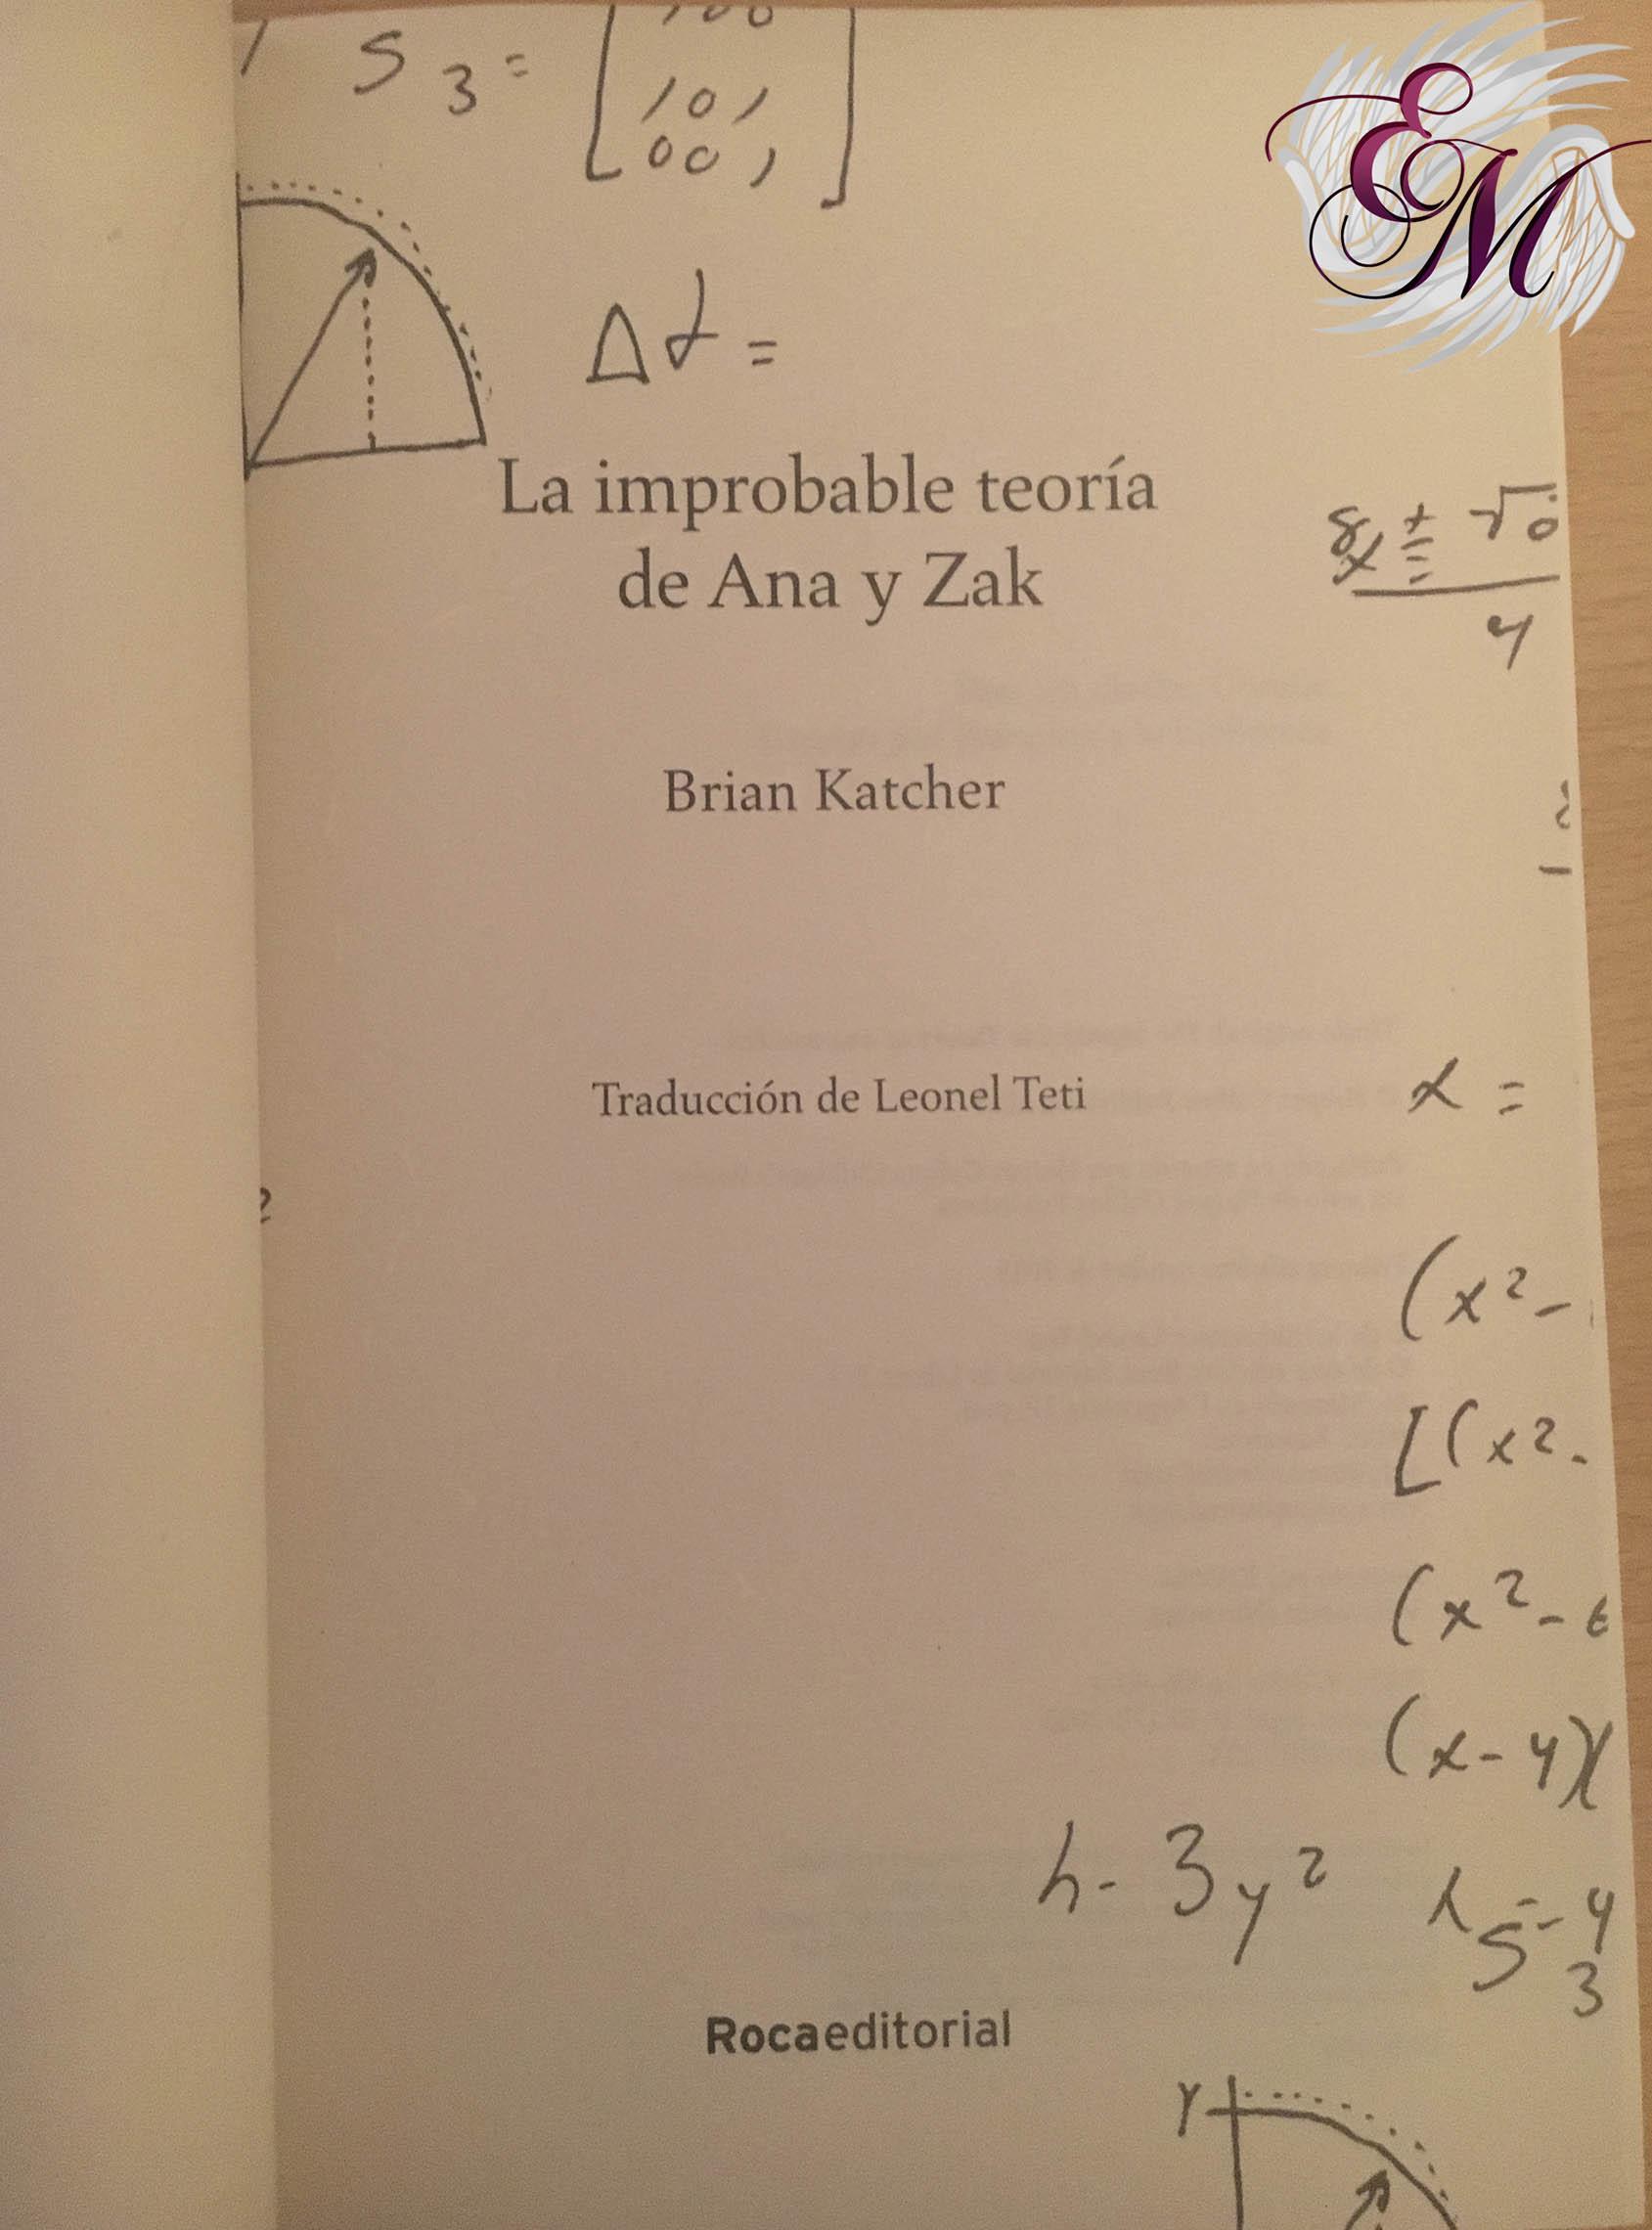 La improbable teoría de Ana y Zak, de Brian Katcher - Reseña